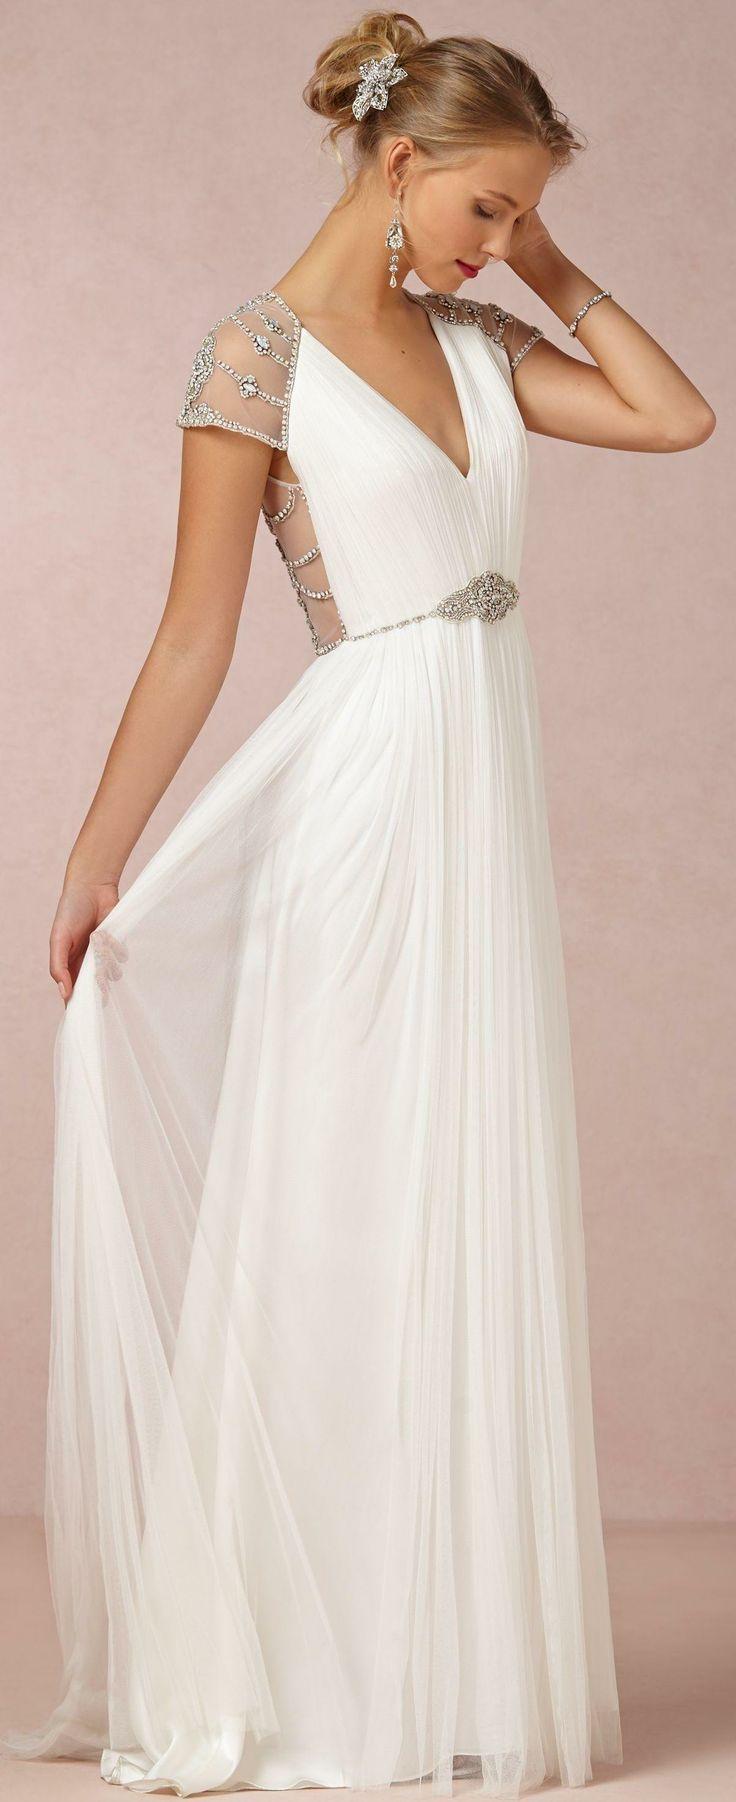 Tallulah Gown Belle robe de mariée, Mariage grec, Idées